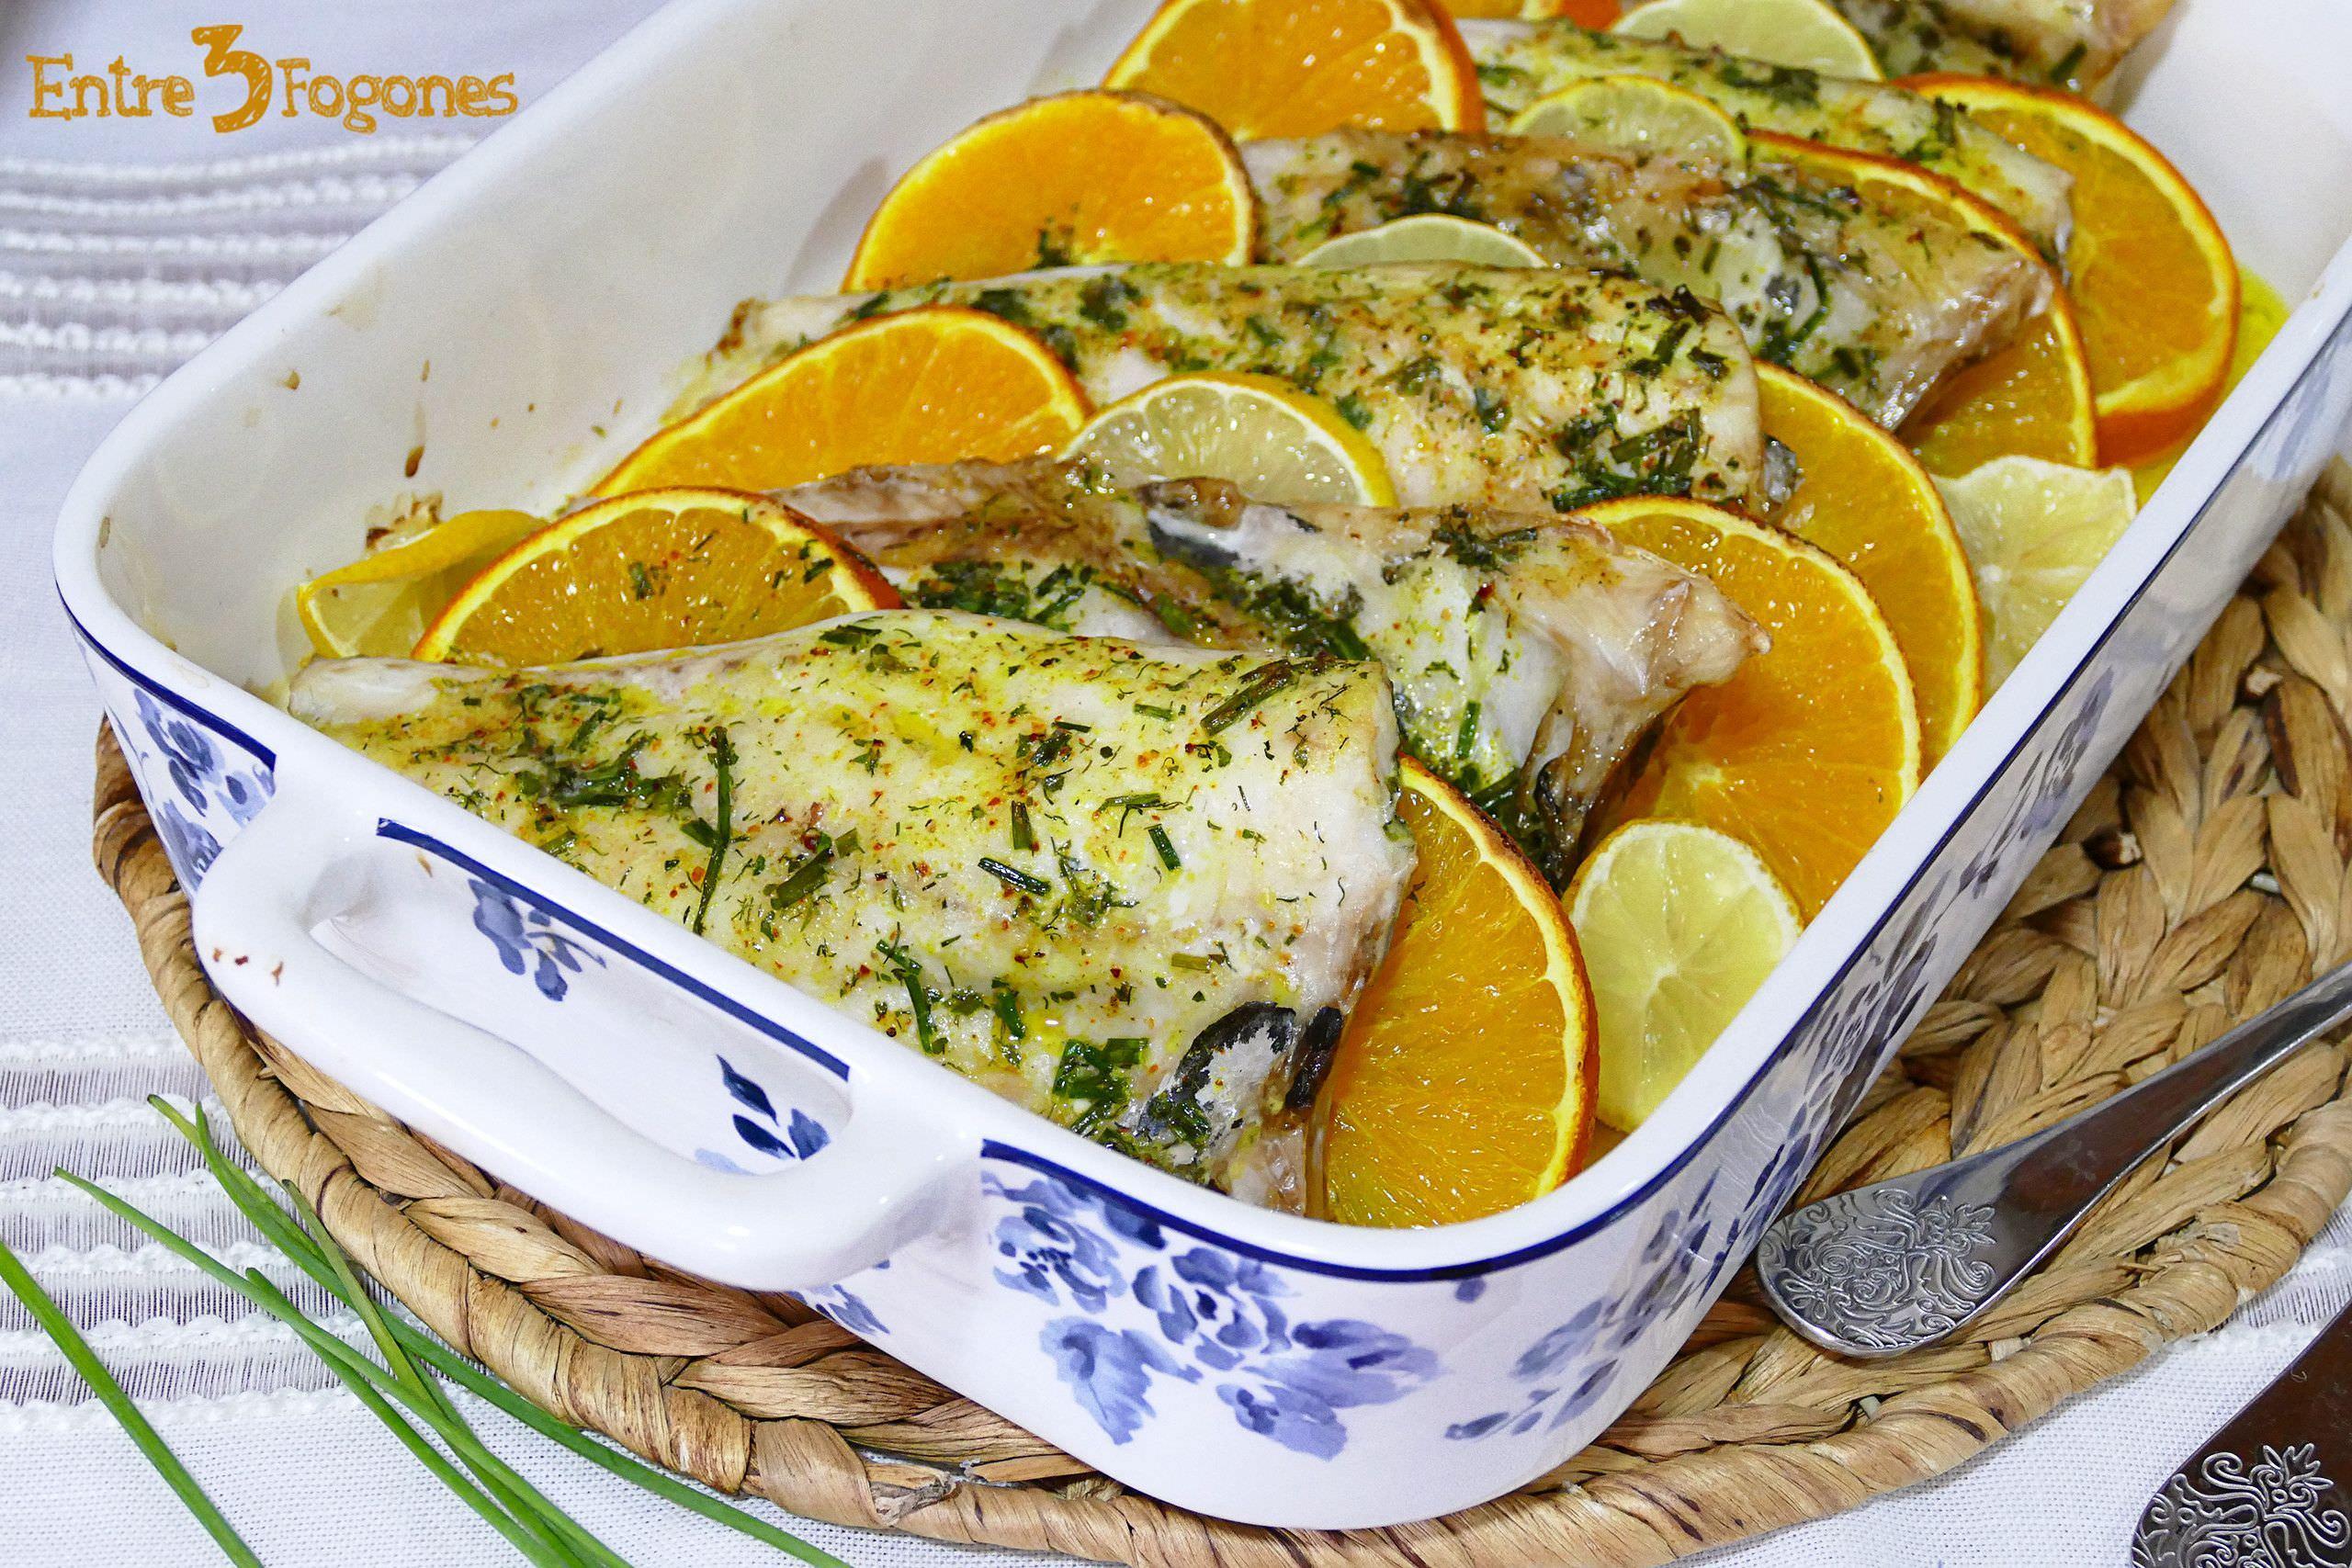 Receta Dorada al Horno con Limón y Naranja